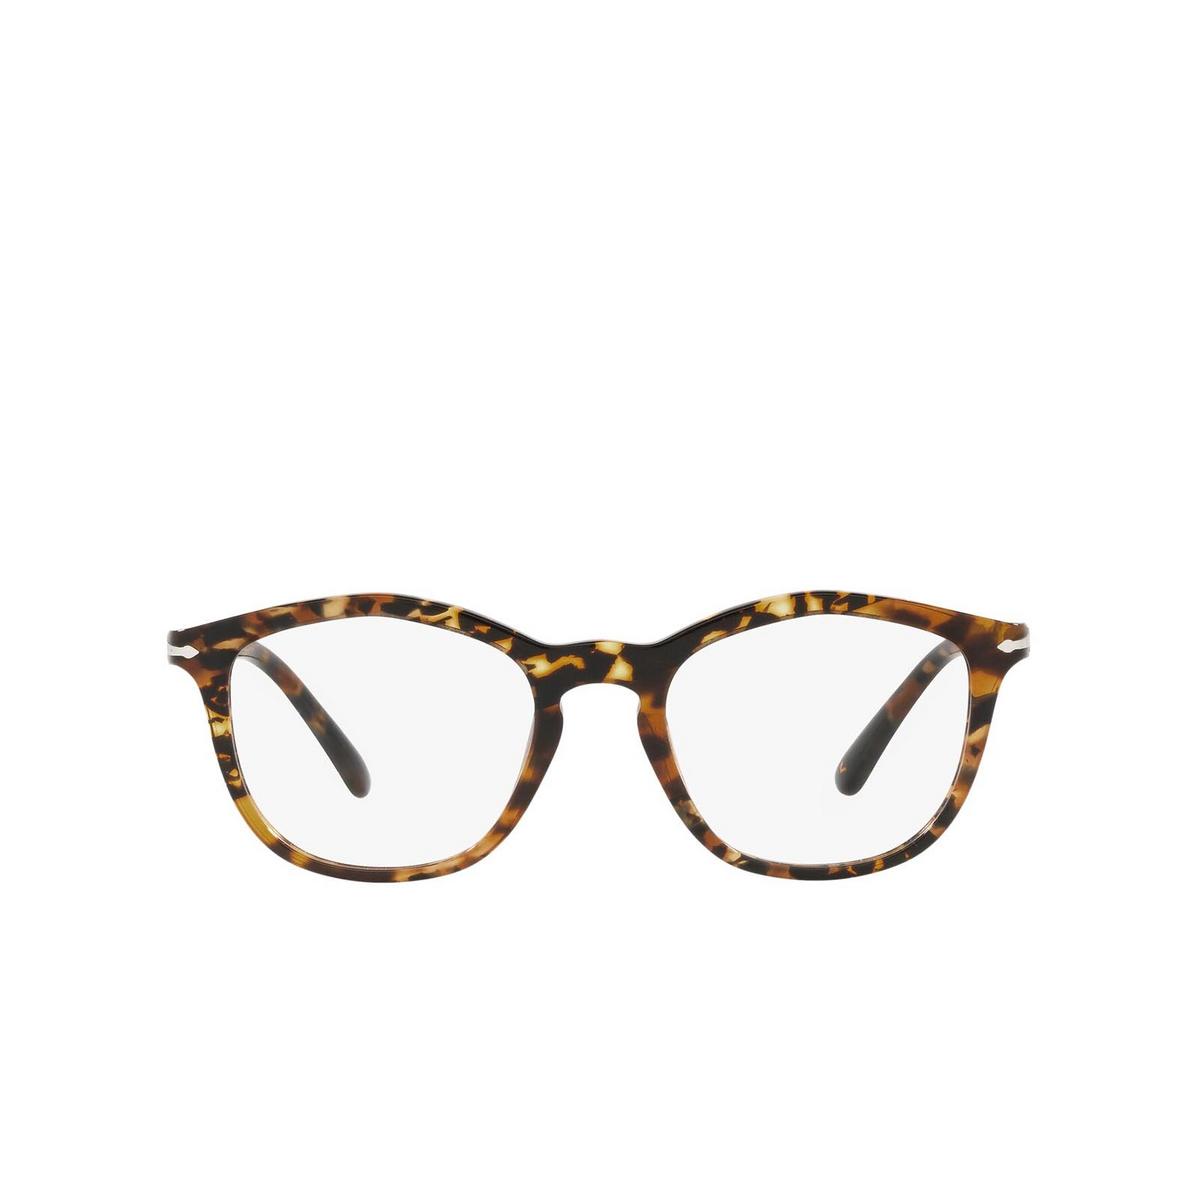 Persol® Irregular Eyeglasses: PO3267V color Tortoise Brown 1081 - front view.